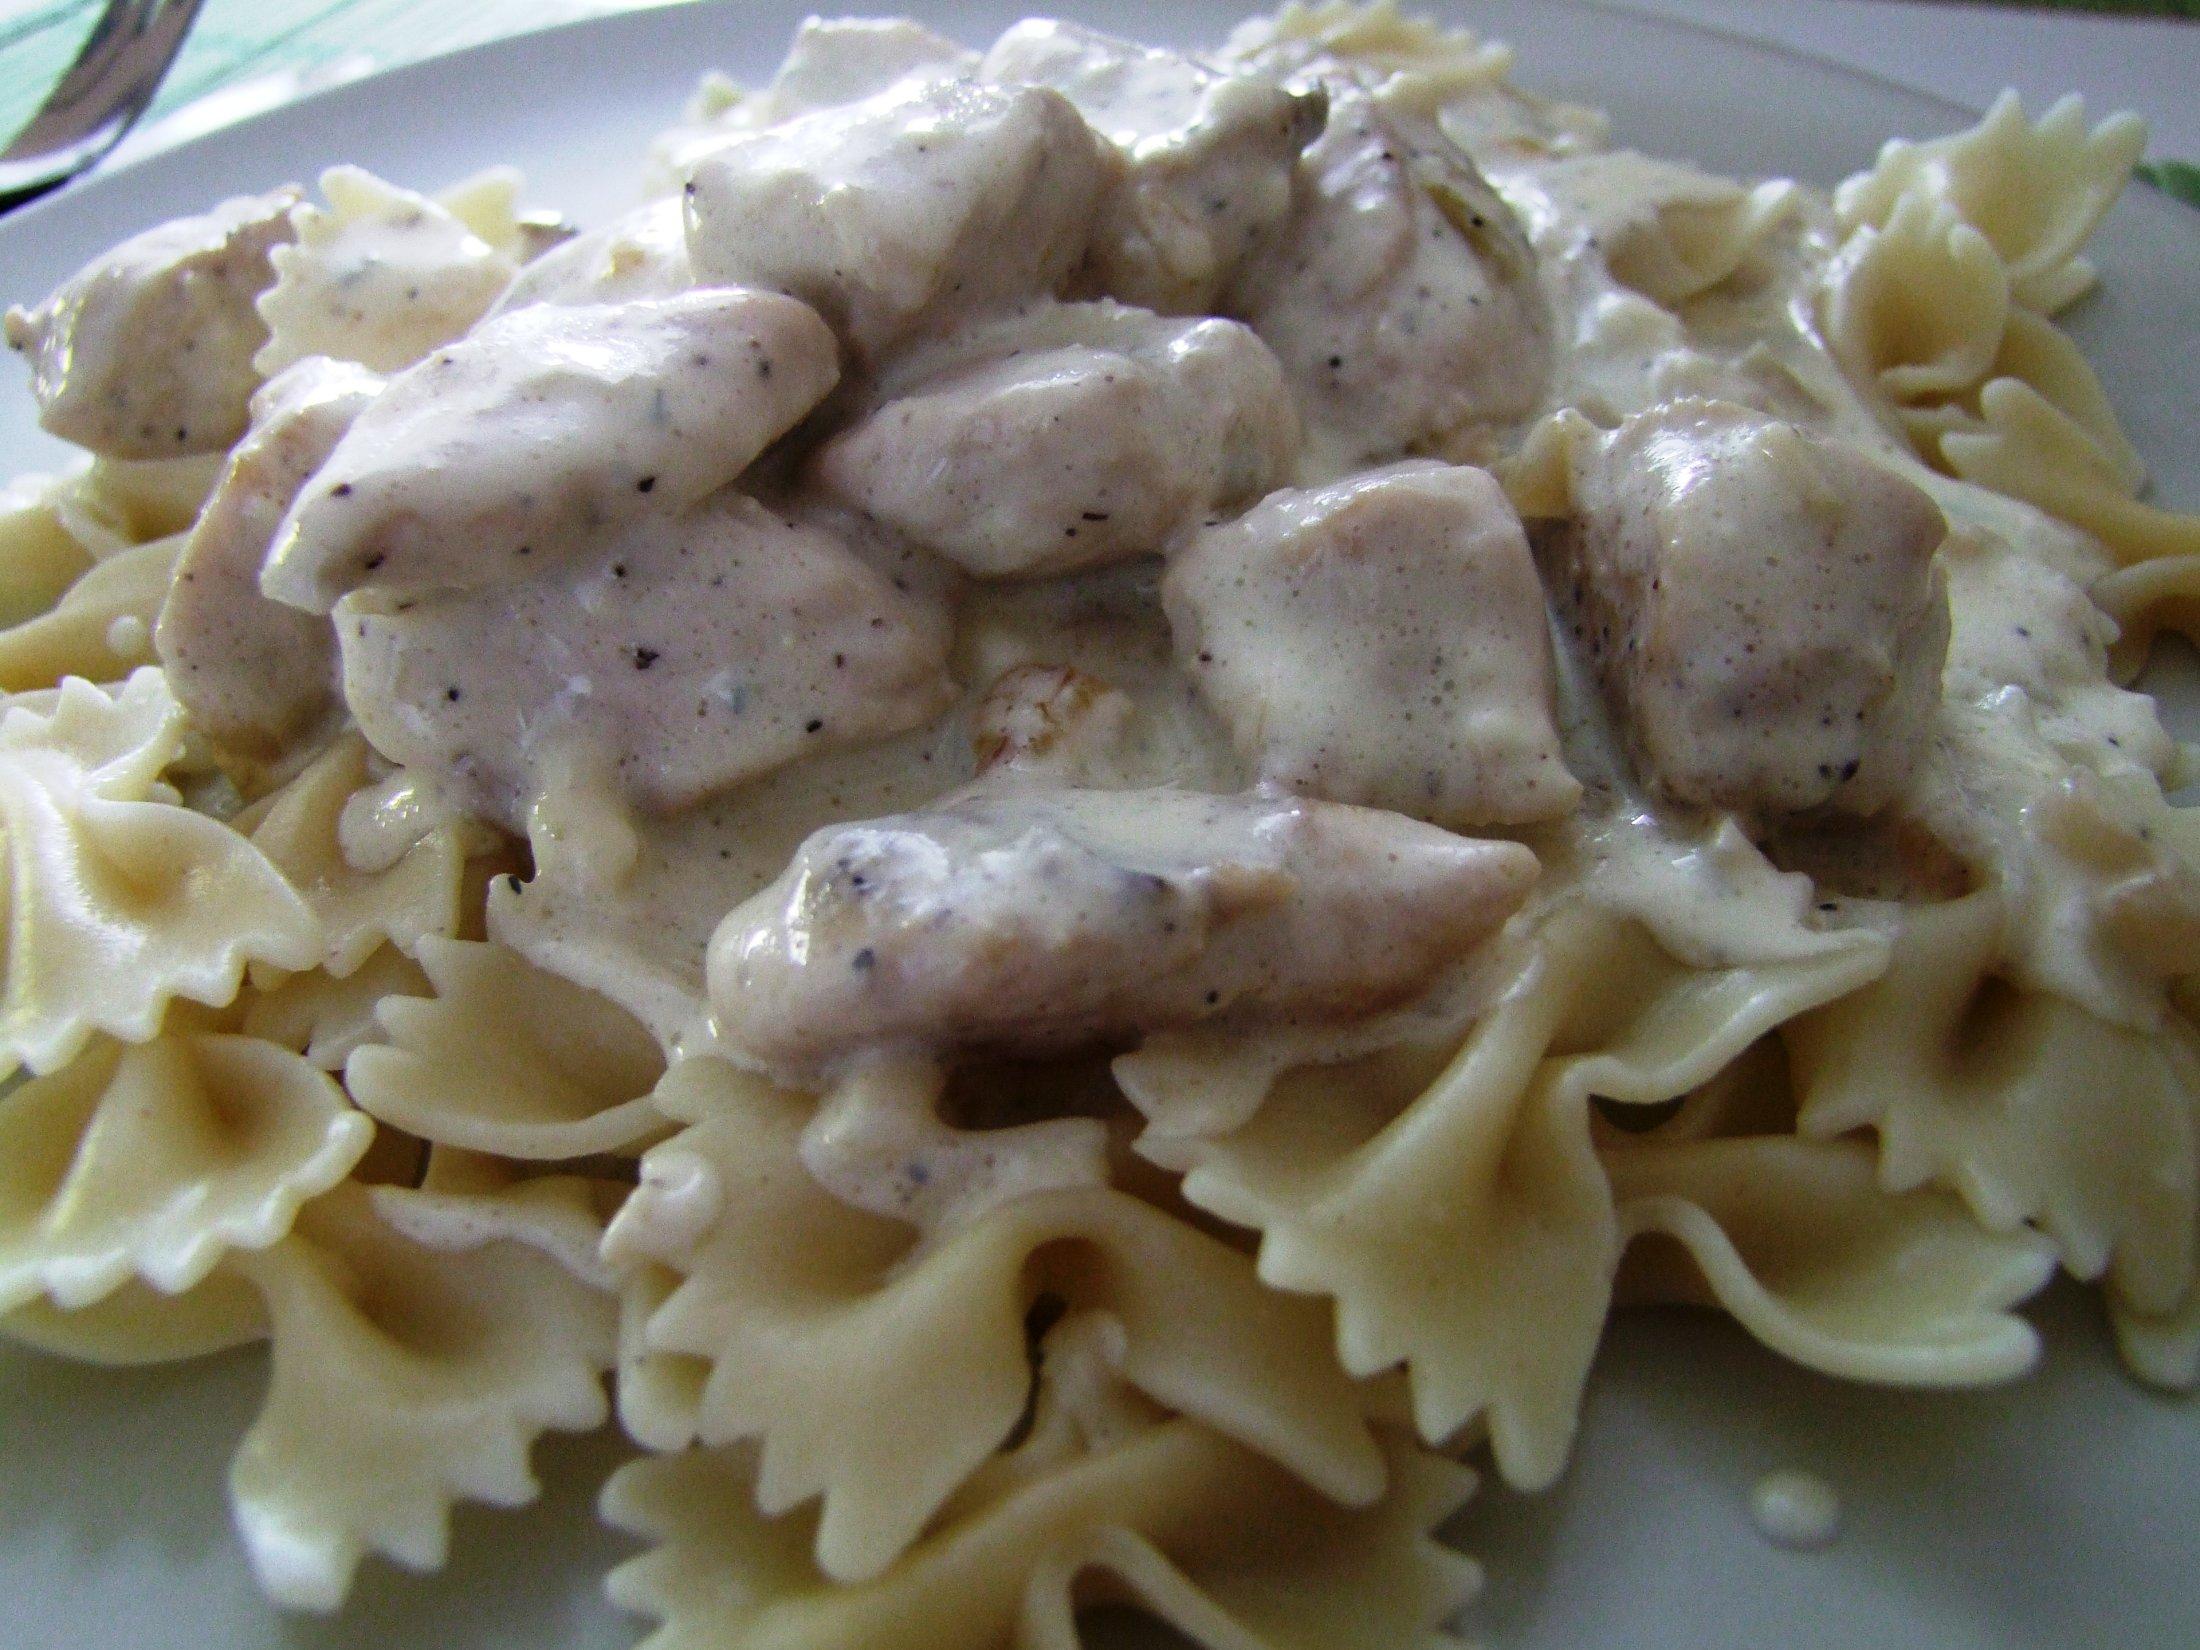 Recept Sýrová omáčka s kuřecím masem - Sýrová omáčka s kuřecím masem.